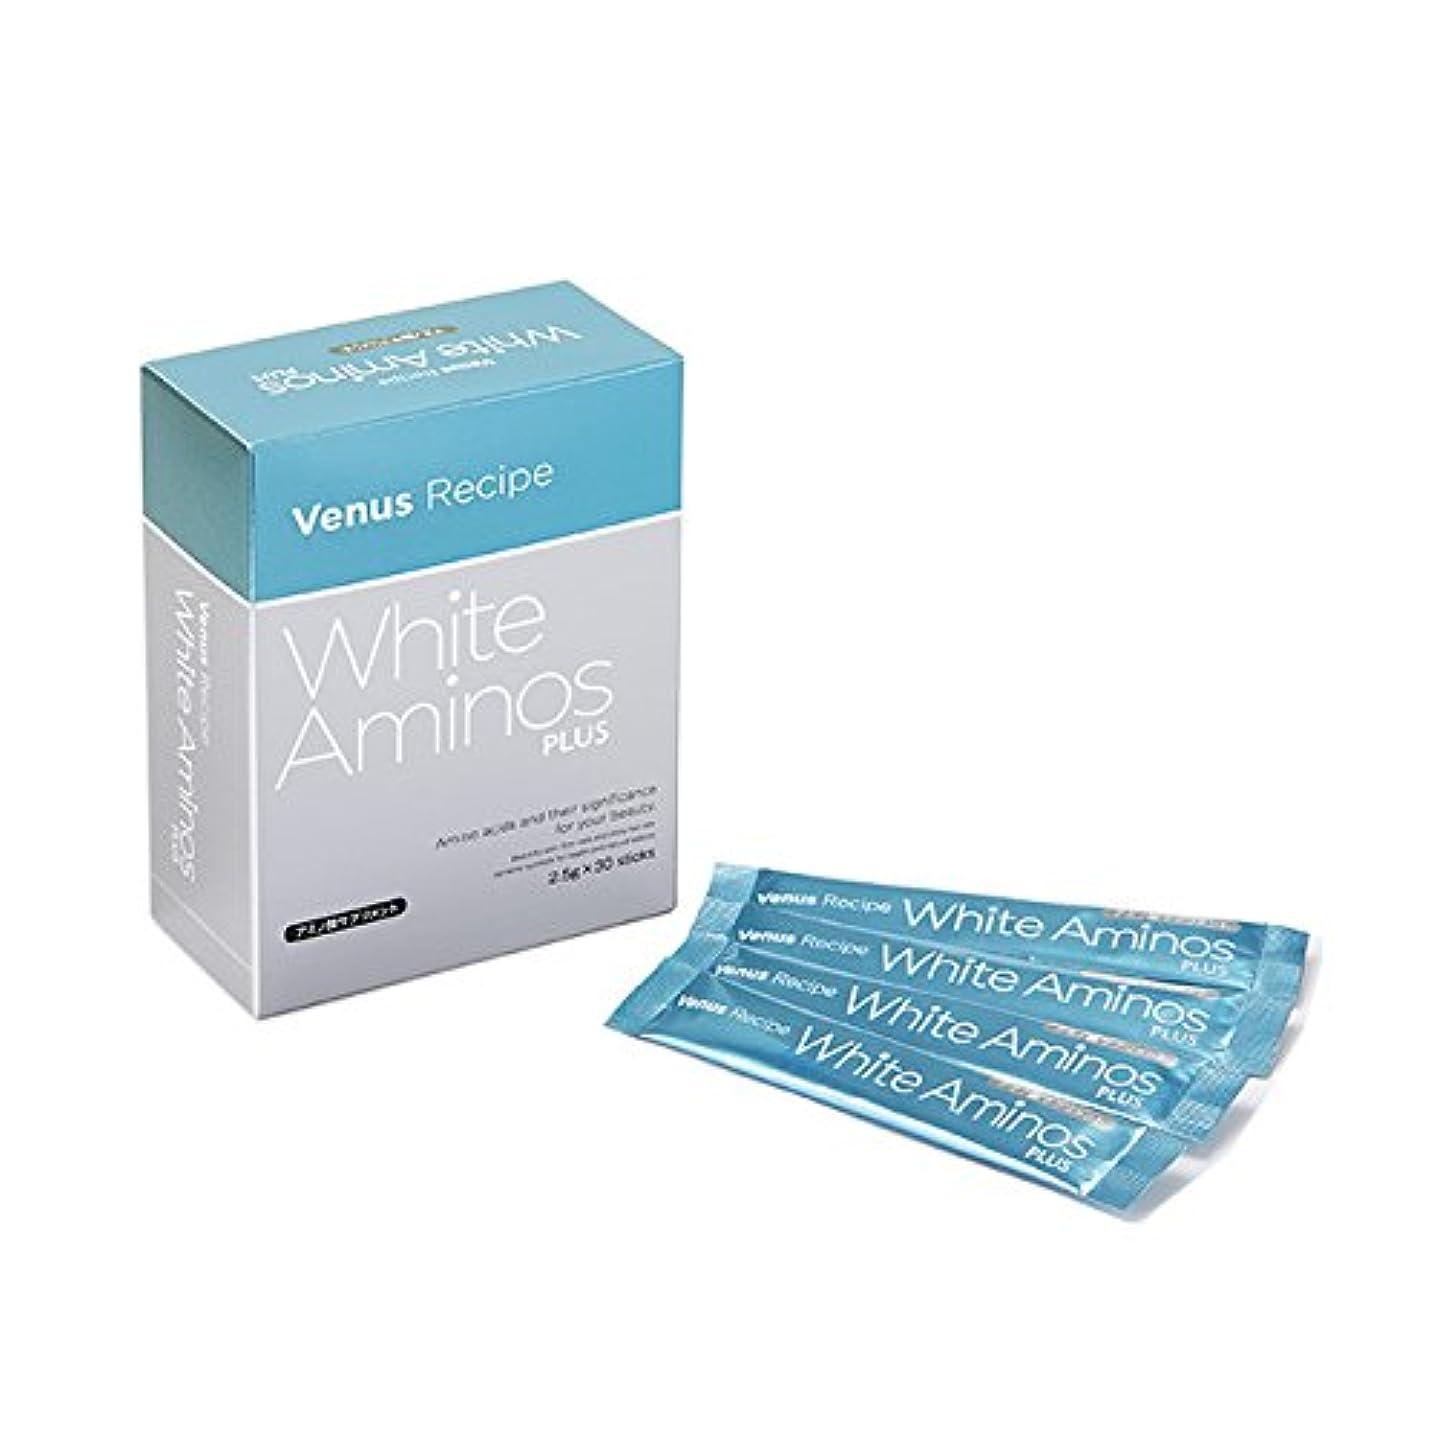 バイナリ近代化実証するアクシージア (AXXZIA) ヴィーナスレシピ ホワイト アミノズ プラス 75g/1箱(30包×1包2.5g入り)